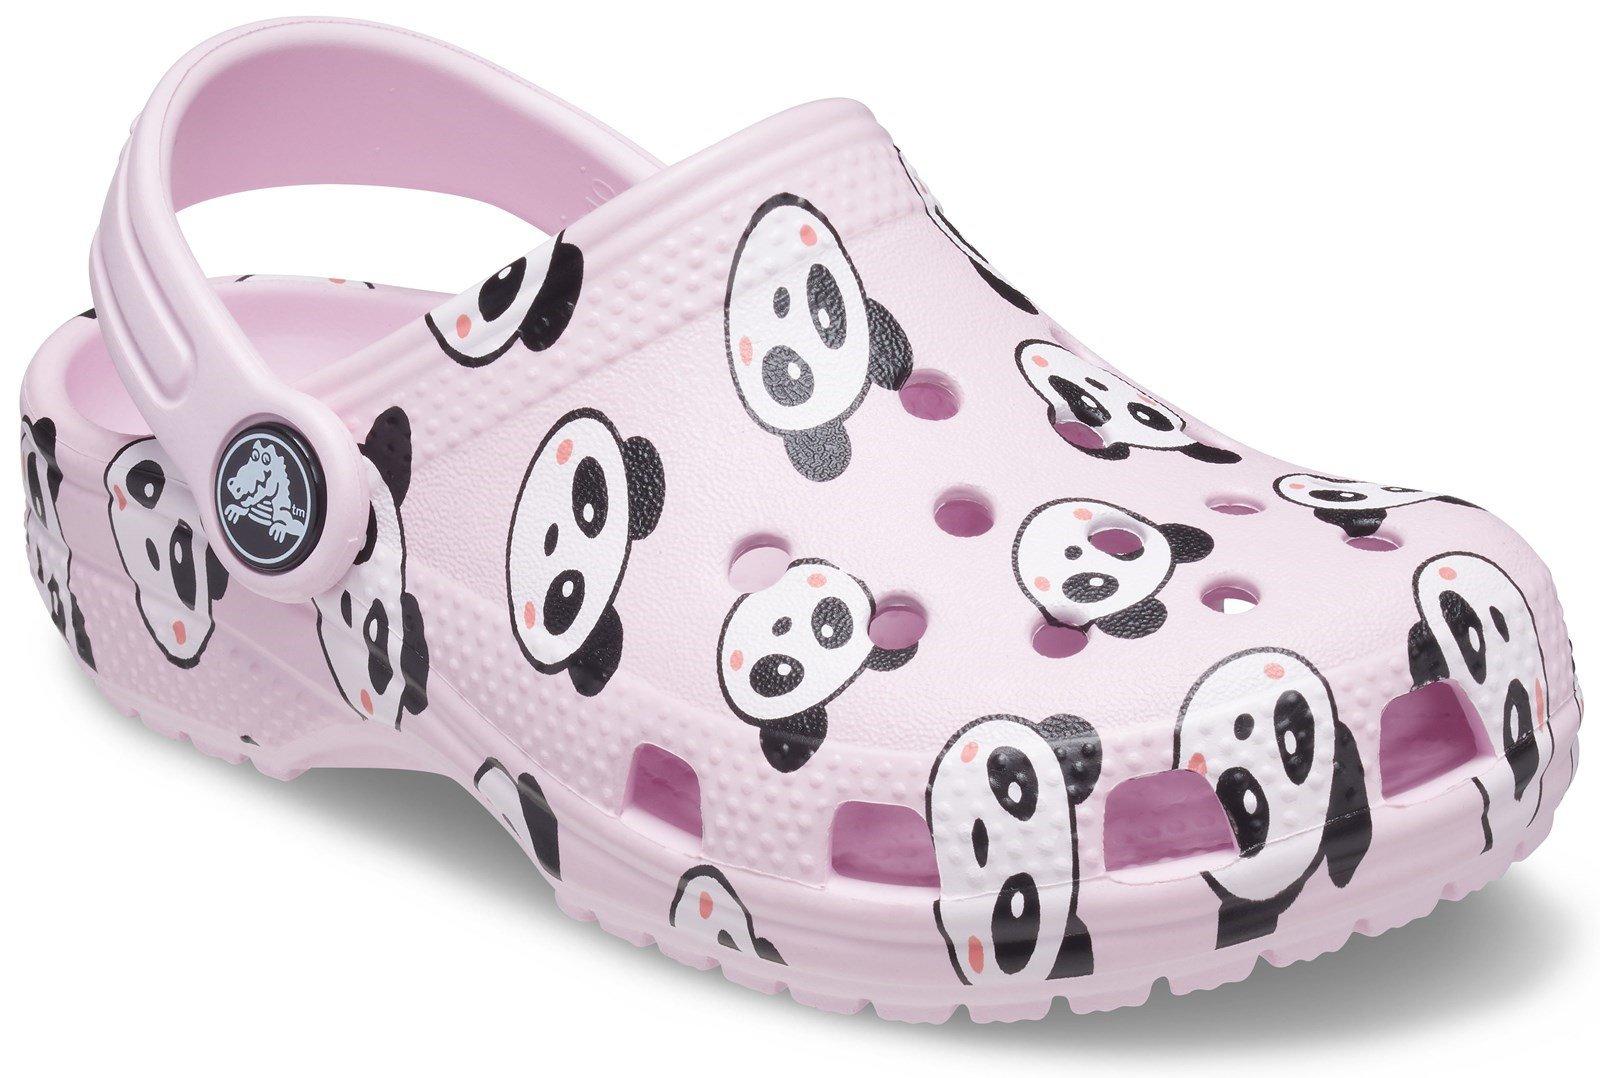 Crocs Kid's Classic Panda Print Clog Ballerina Pink 31877 - Ballerina Pink 9